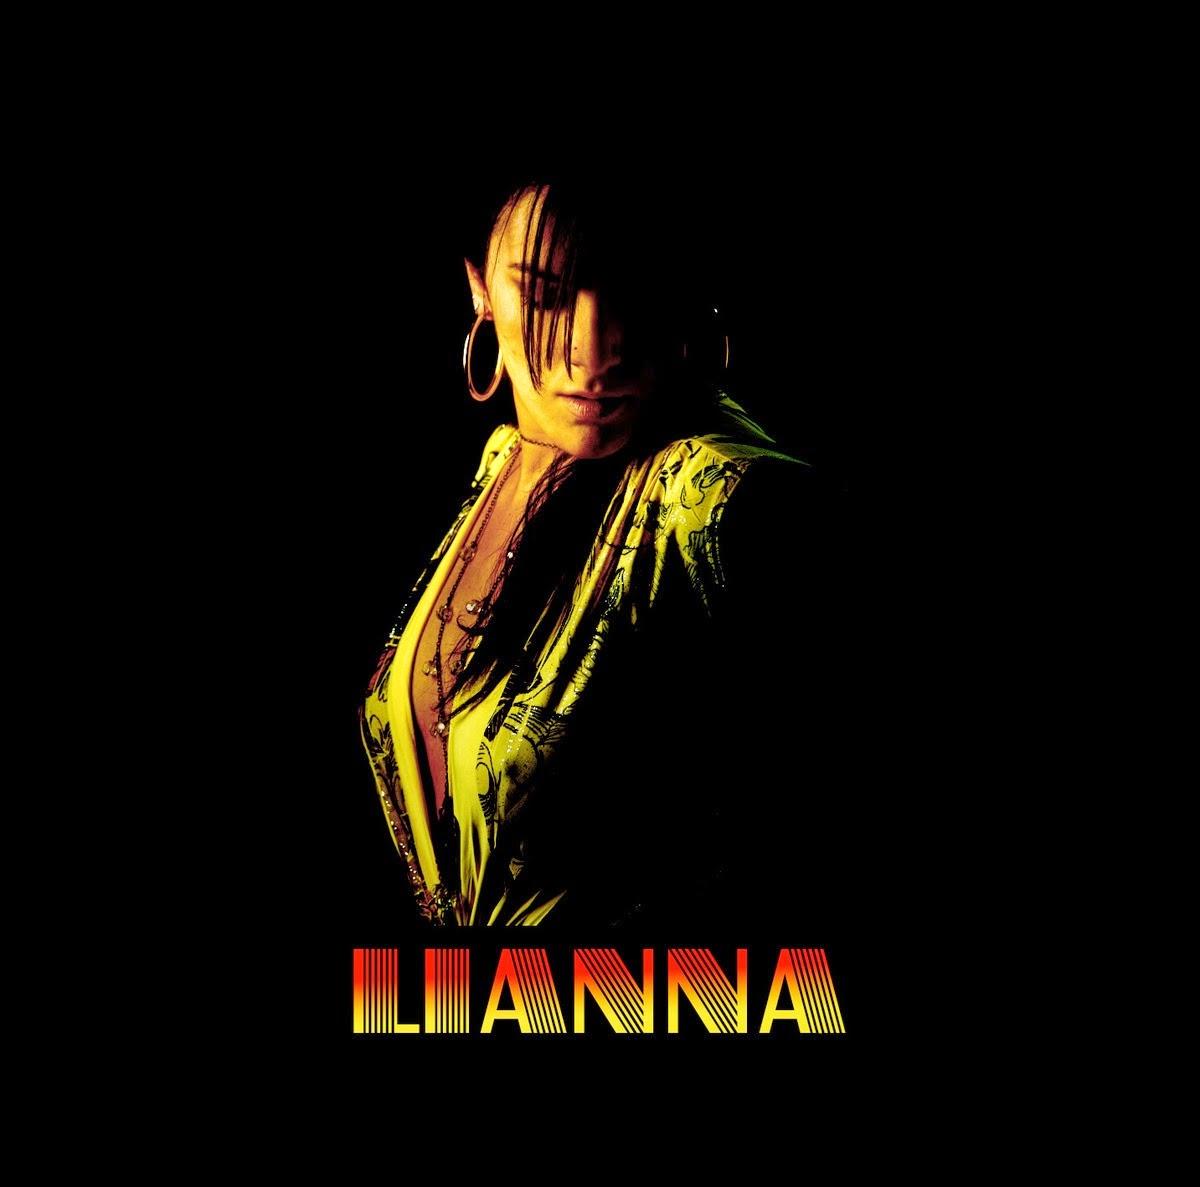 ep, lianna, hip hop colombiano , rap sudamericano, paciencia,